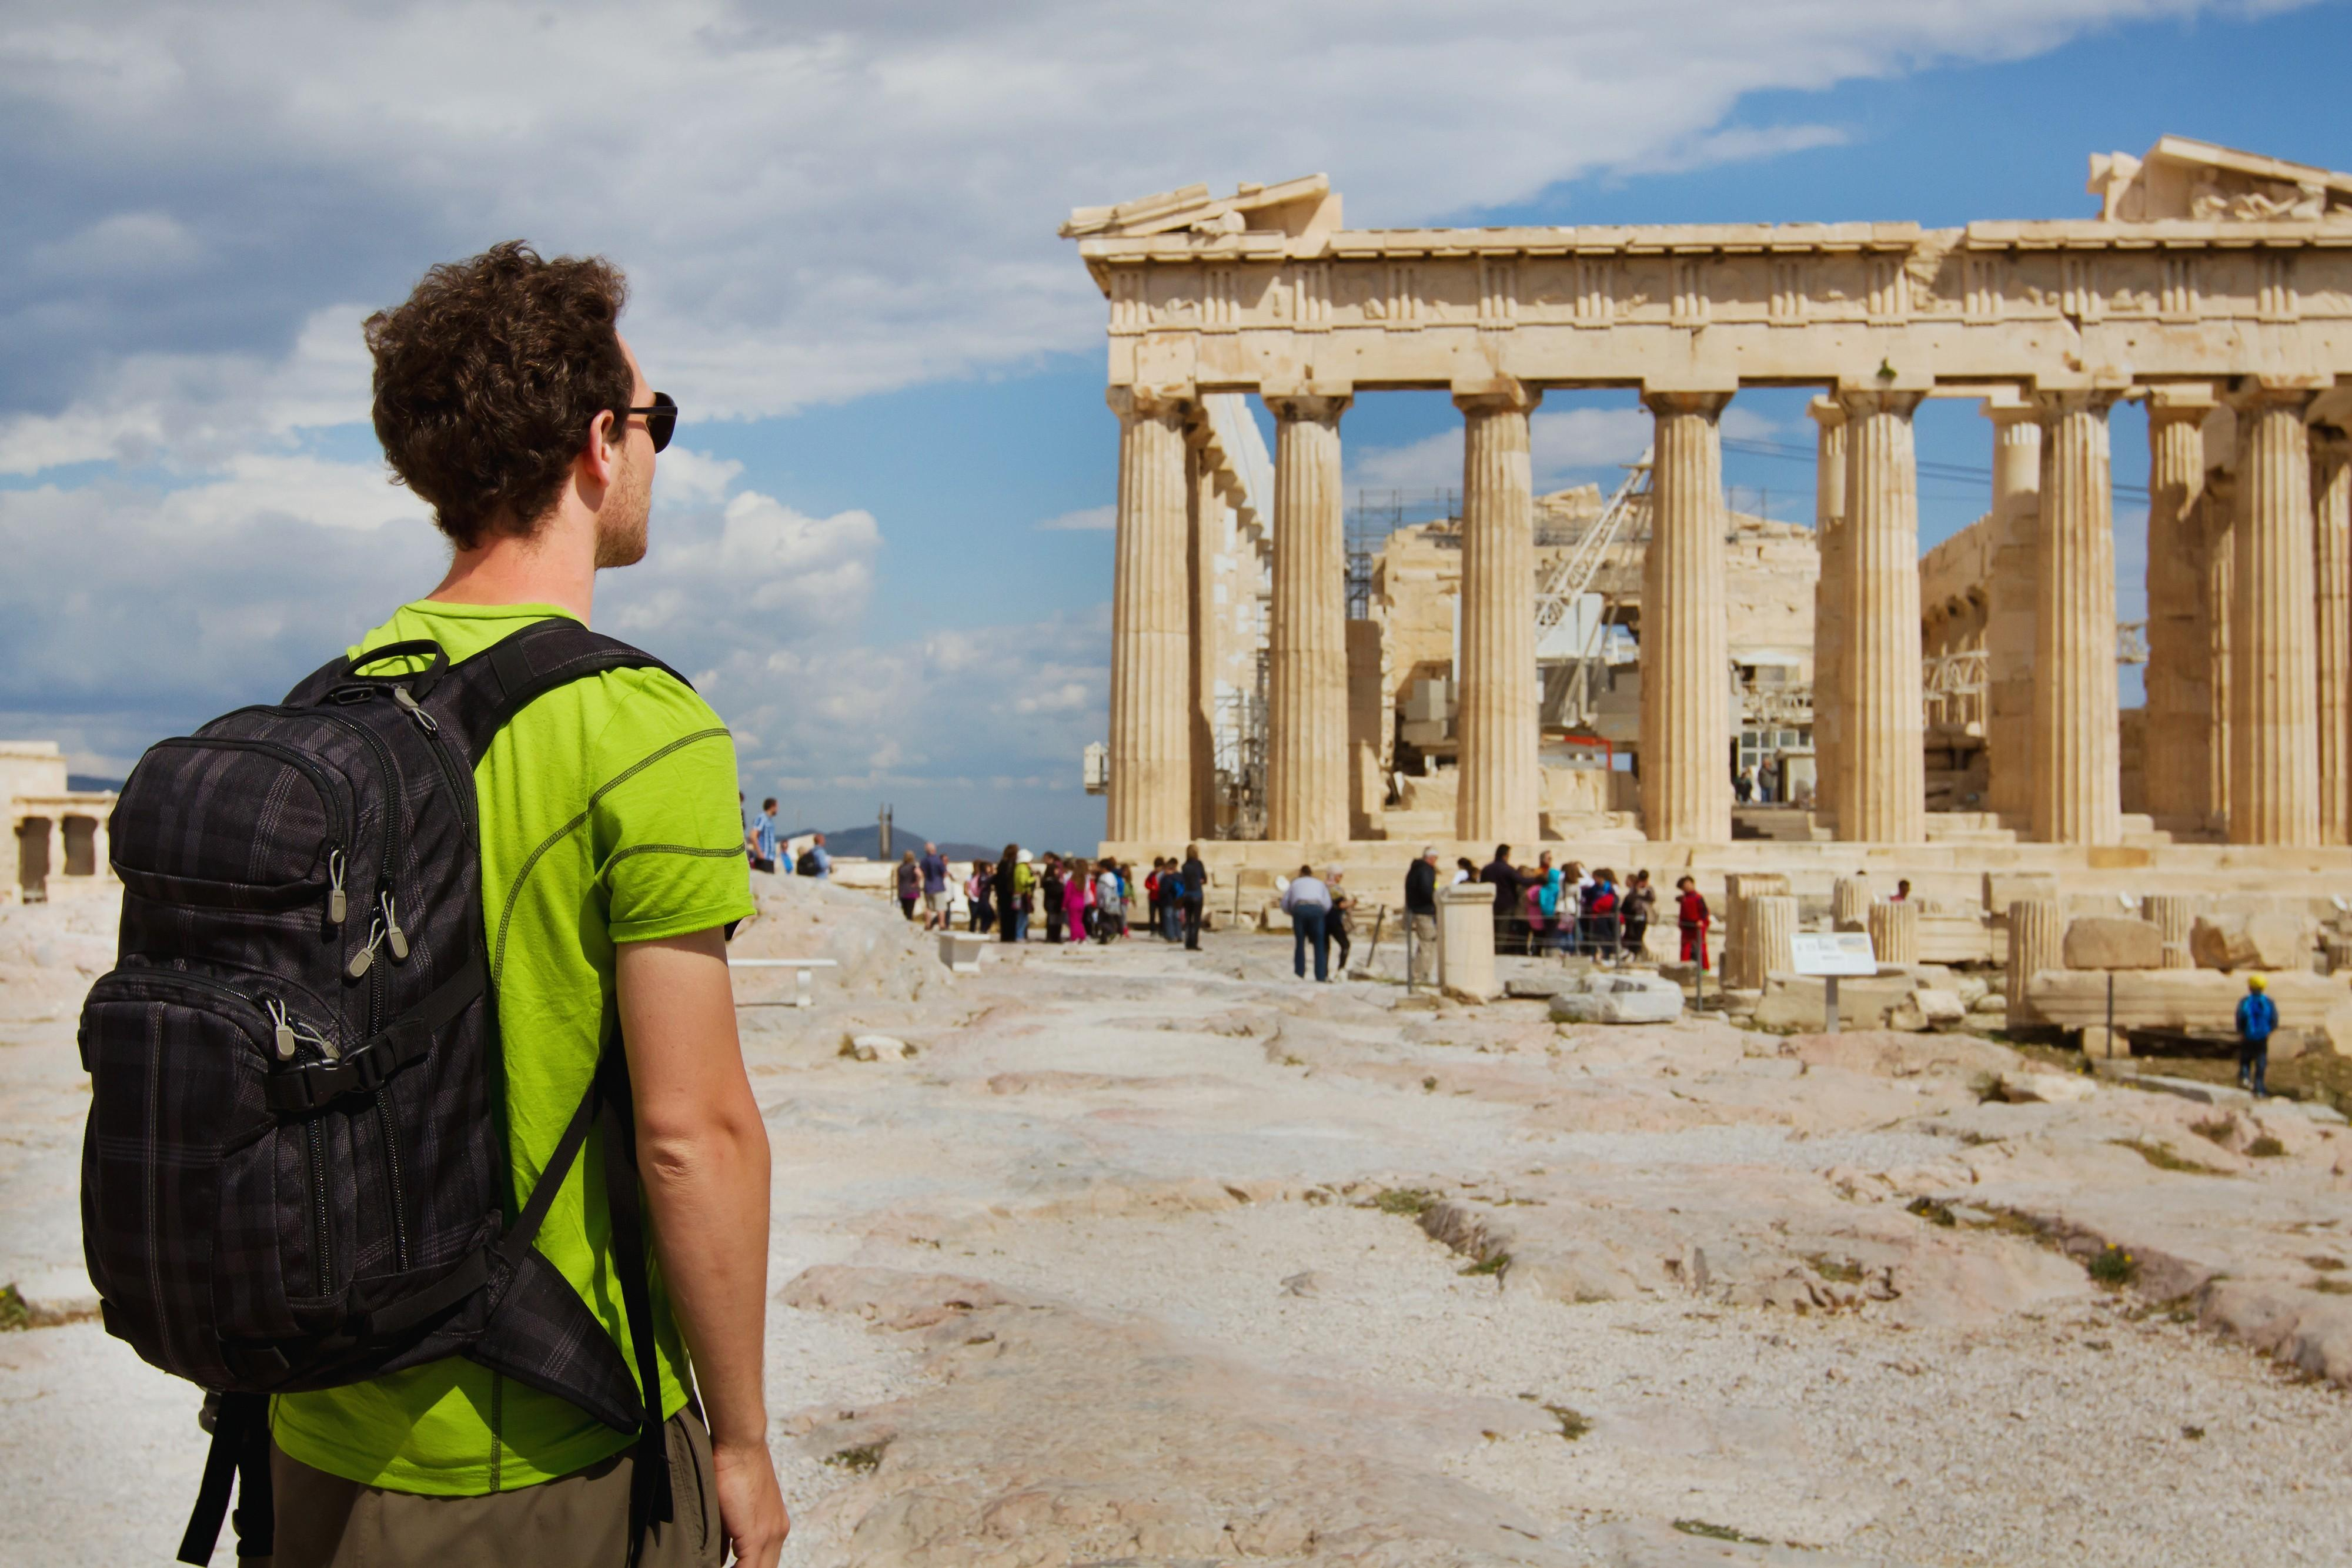 Vești bune pentru turiști. Grecia renunţă la mască în exterior şi la interdicţia de circulaţie nocturnă